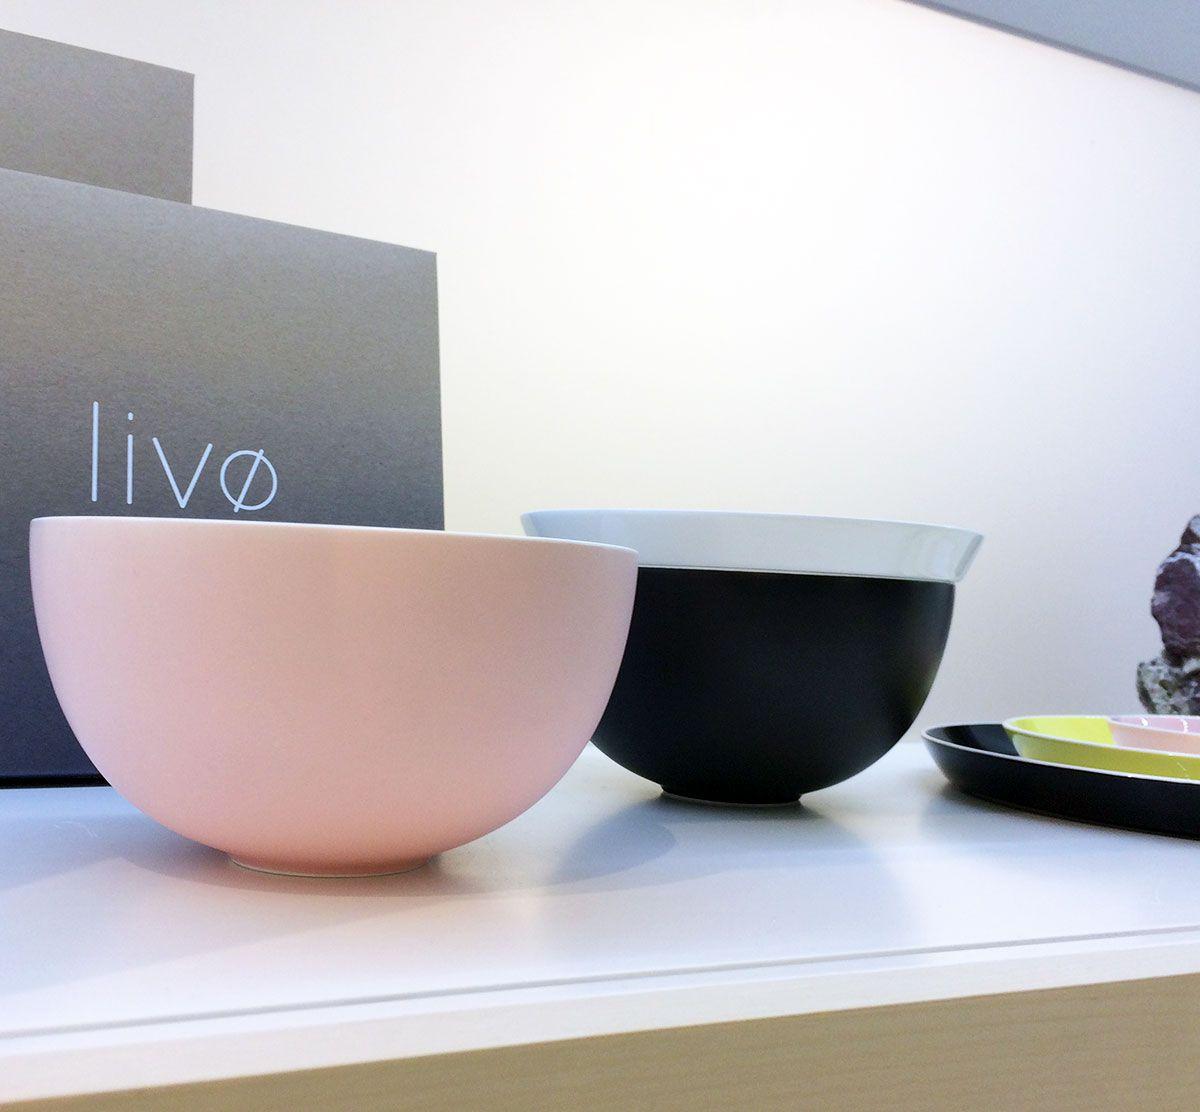 schalen aus der serie liv von ritzenhoff in den trendfarben rosa und schwarz trends 2017. Black Bedroom Furniture Sets. Home Design Ideas